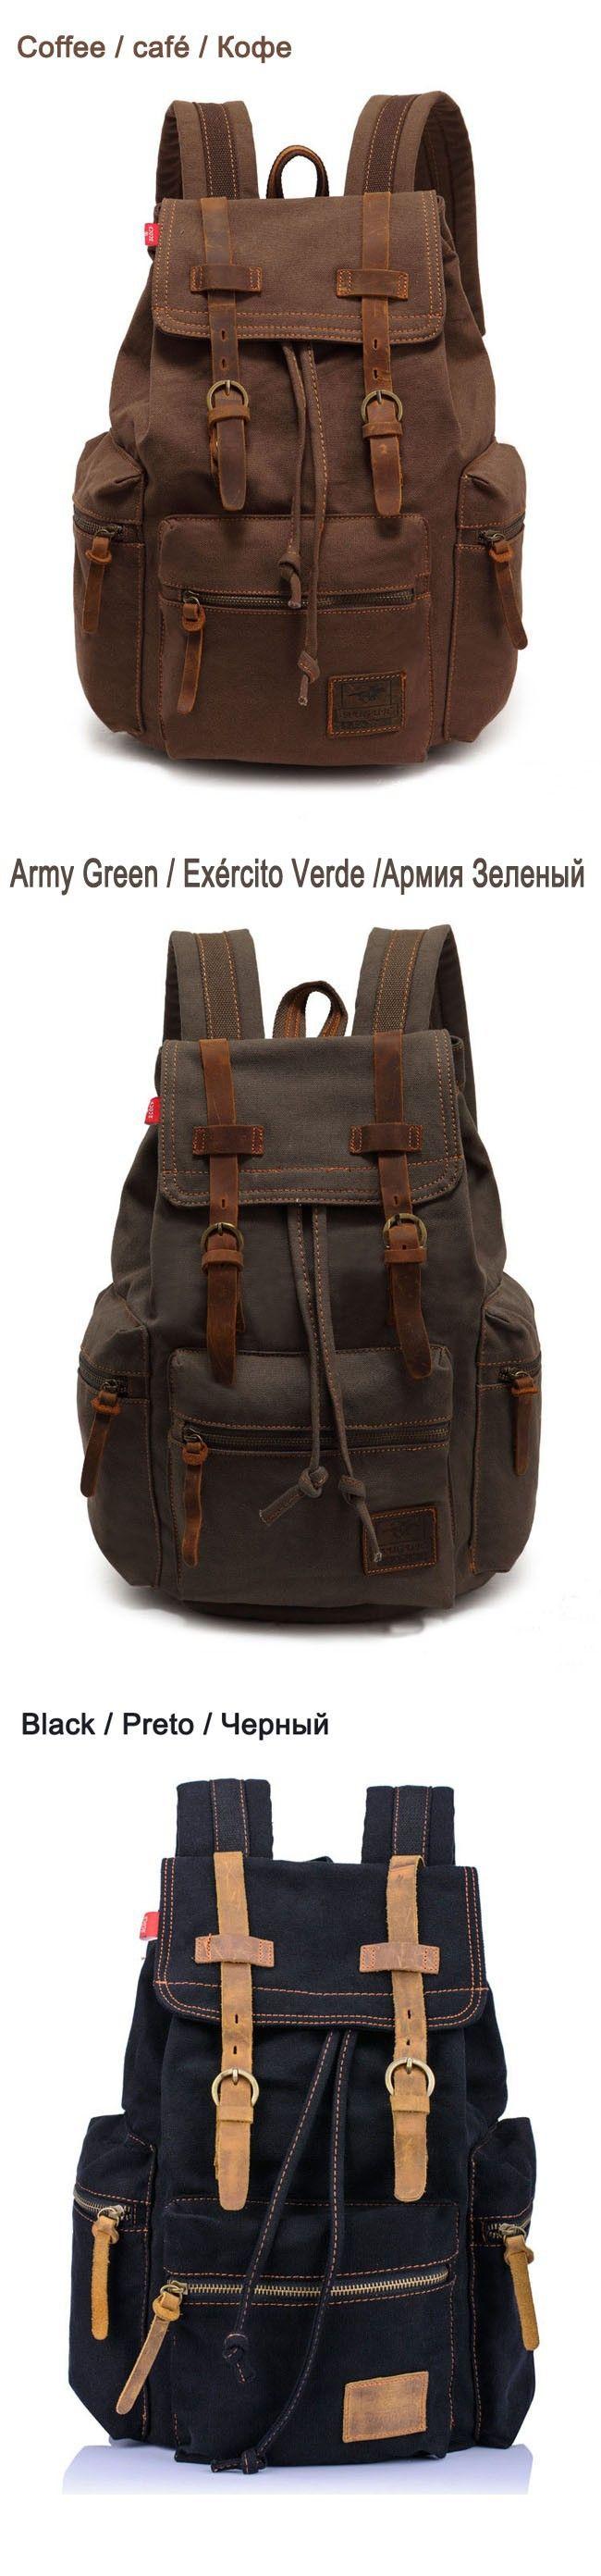 L 1039 новый старинные рюкзак мода женщин сумки на ремне , мужчины холст рюкзак многоцветный отдыха и путешествий сумки унисекс рюкзаки, принадлежащий категории Рюкзаки и относящийся к Багаж и сумки на сайте AliExpress.com | Alibaba Group